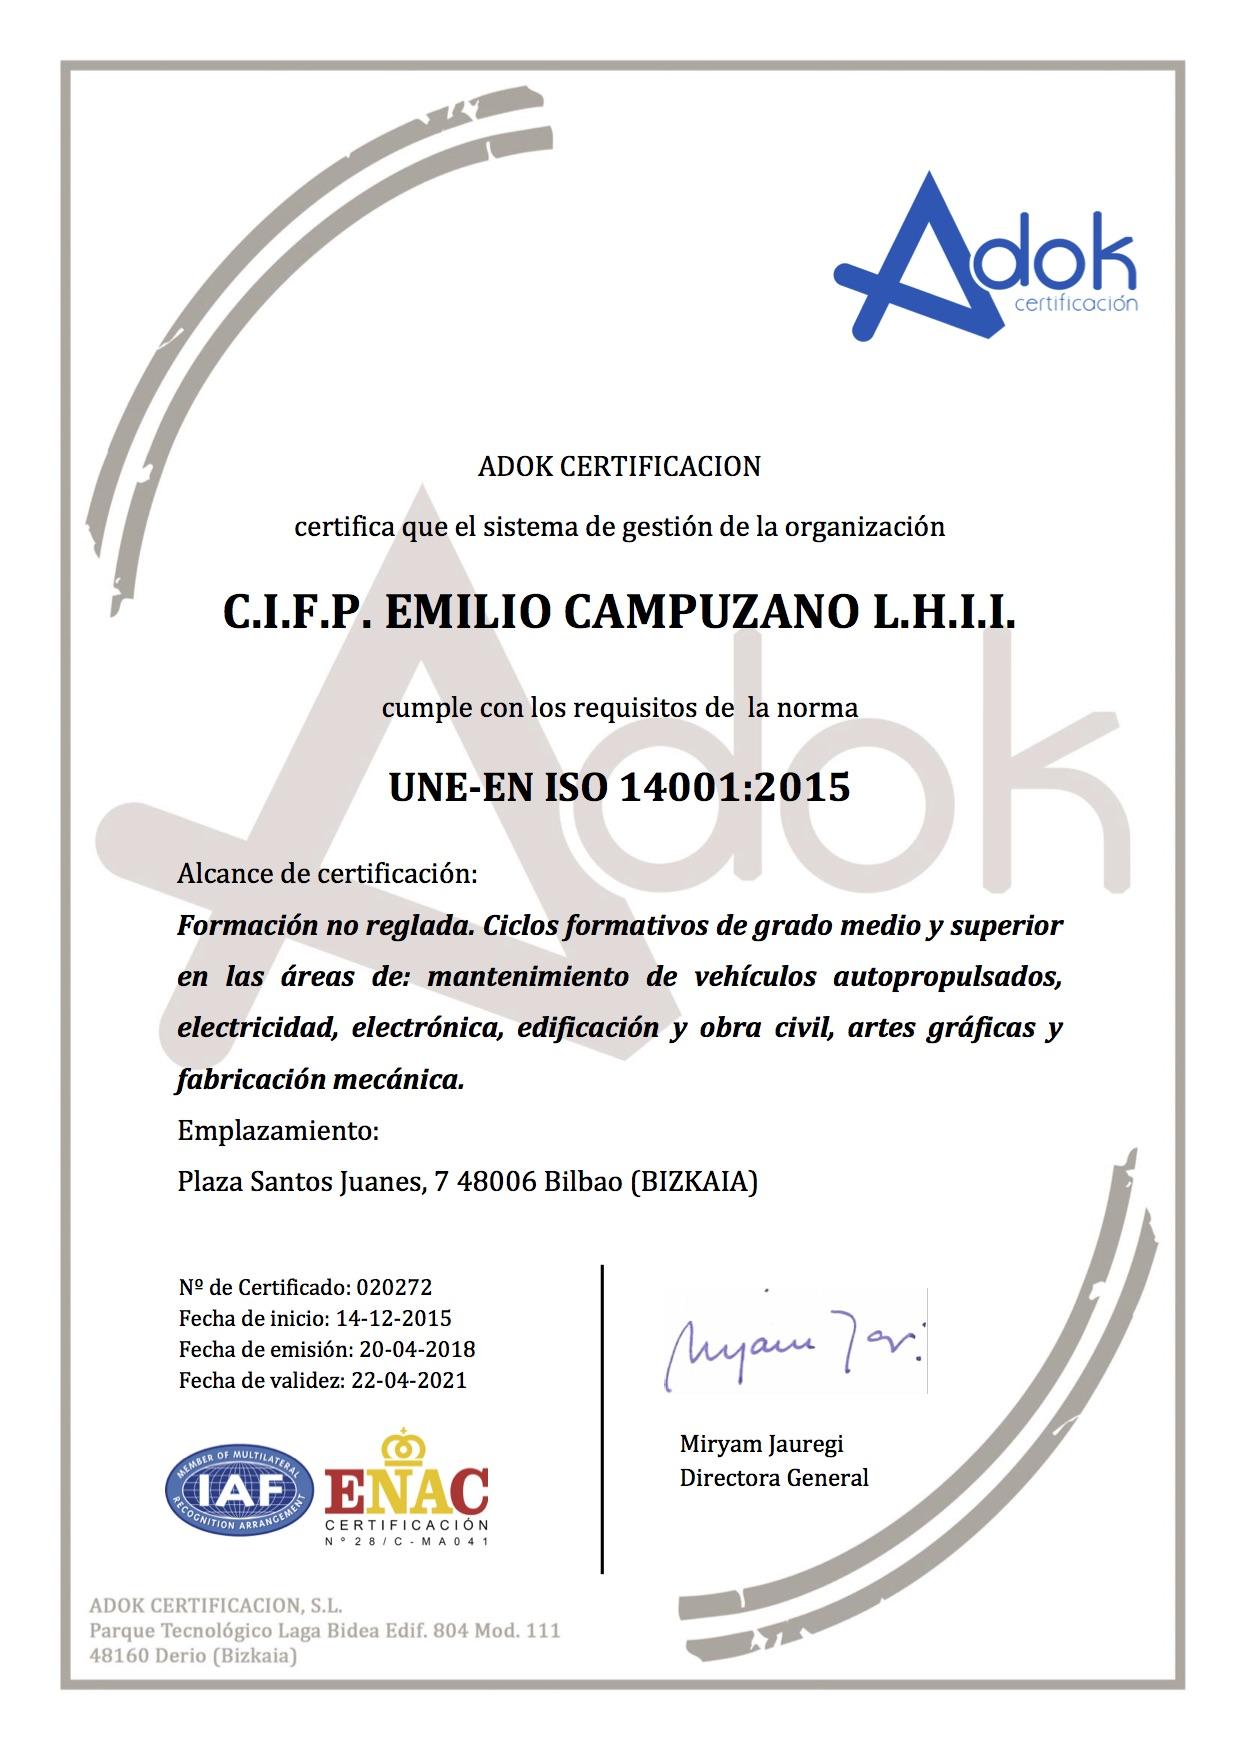 Certificado 14001 2015 Emilio Campuzano